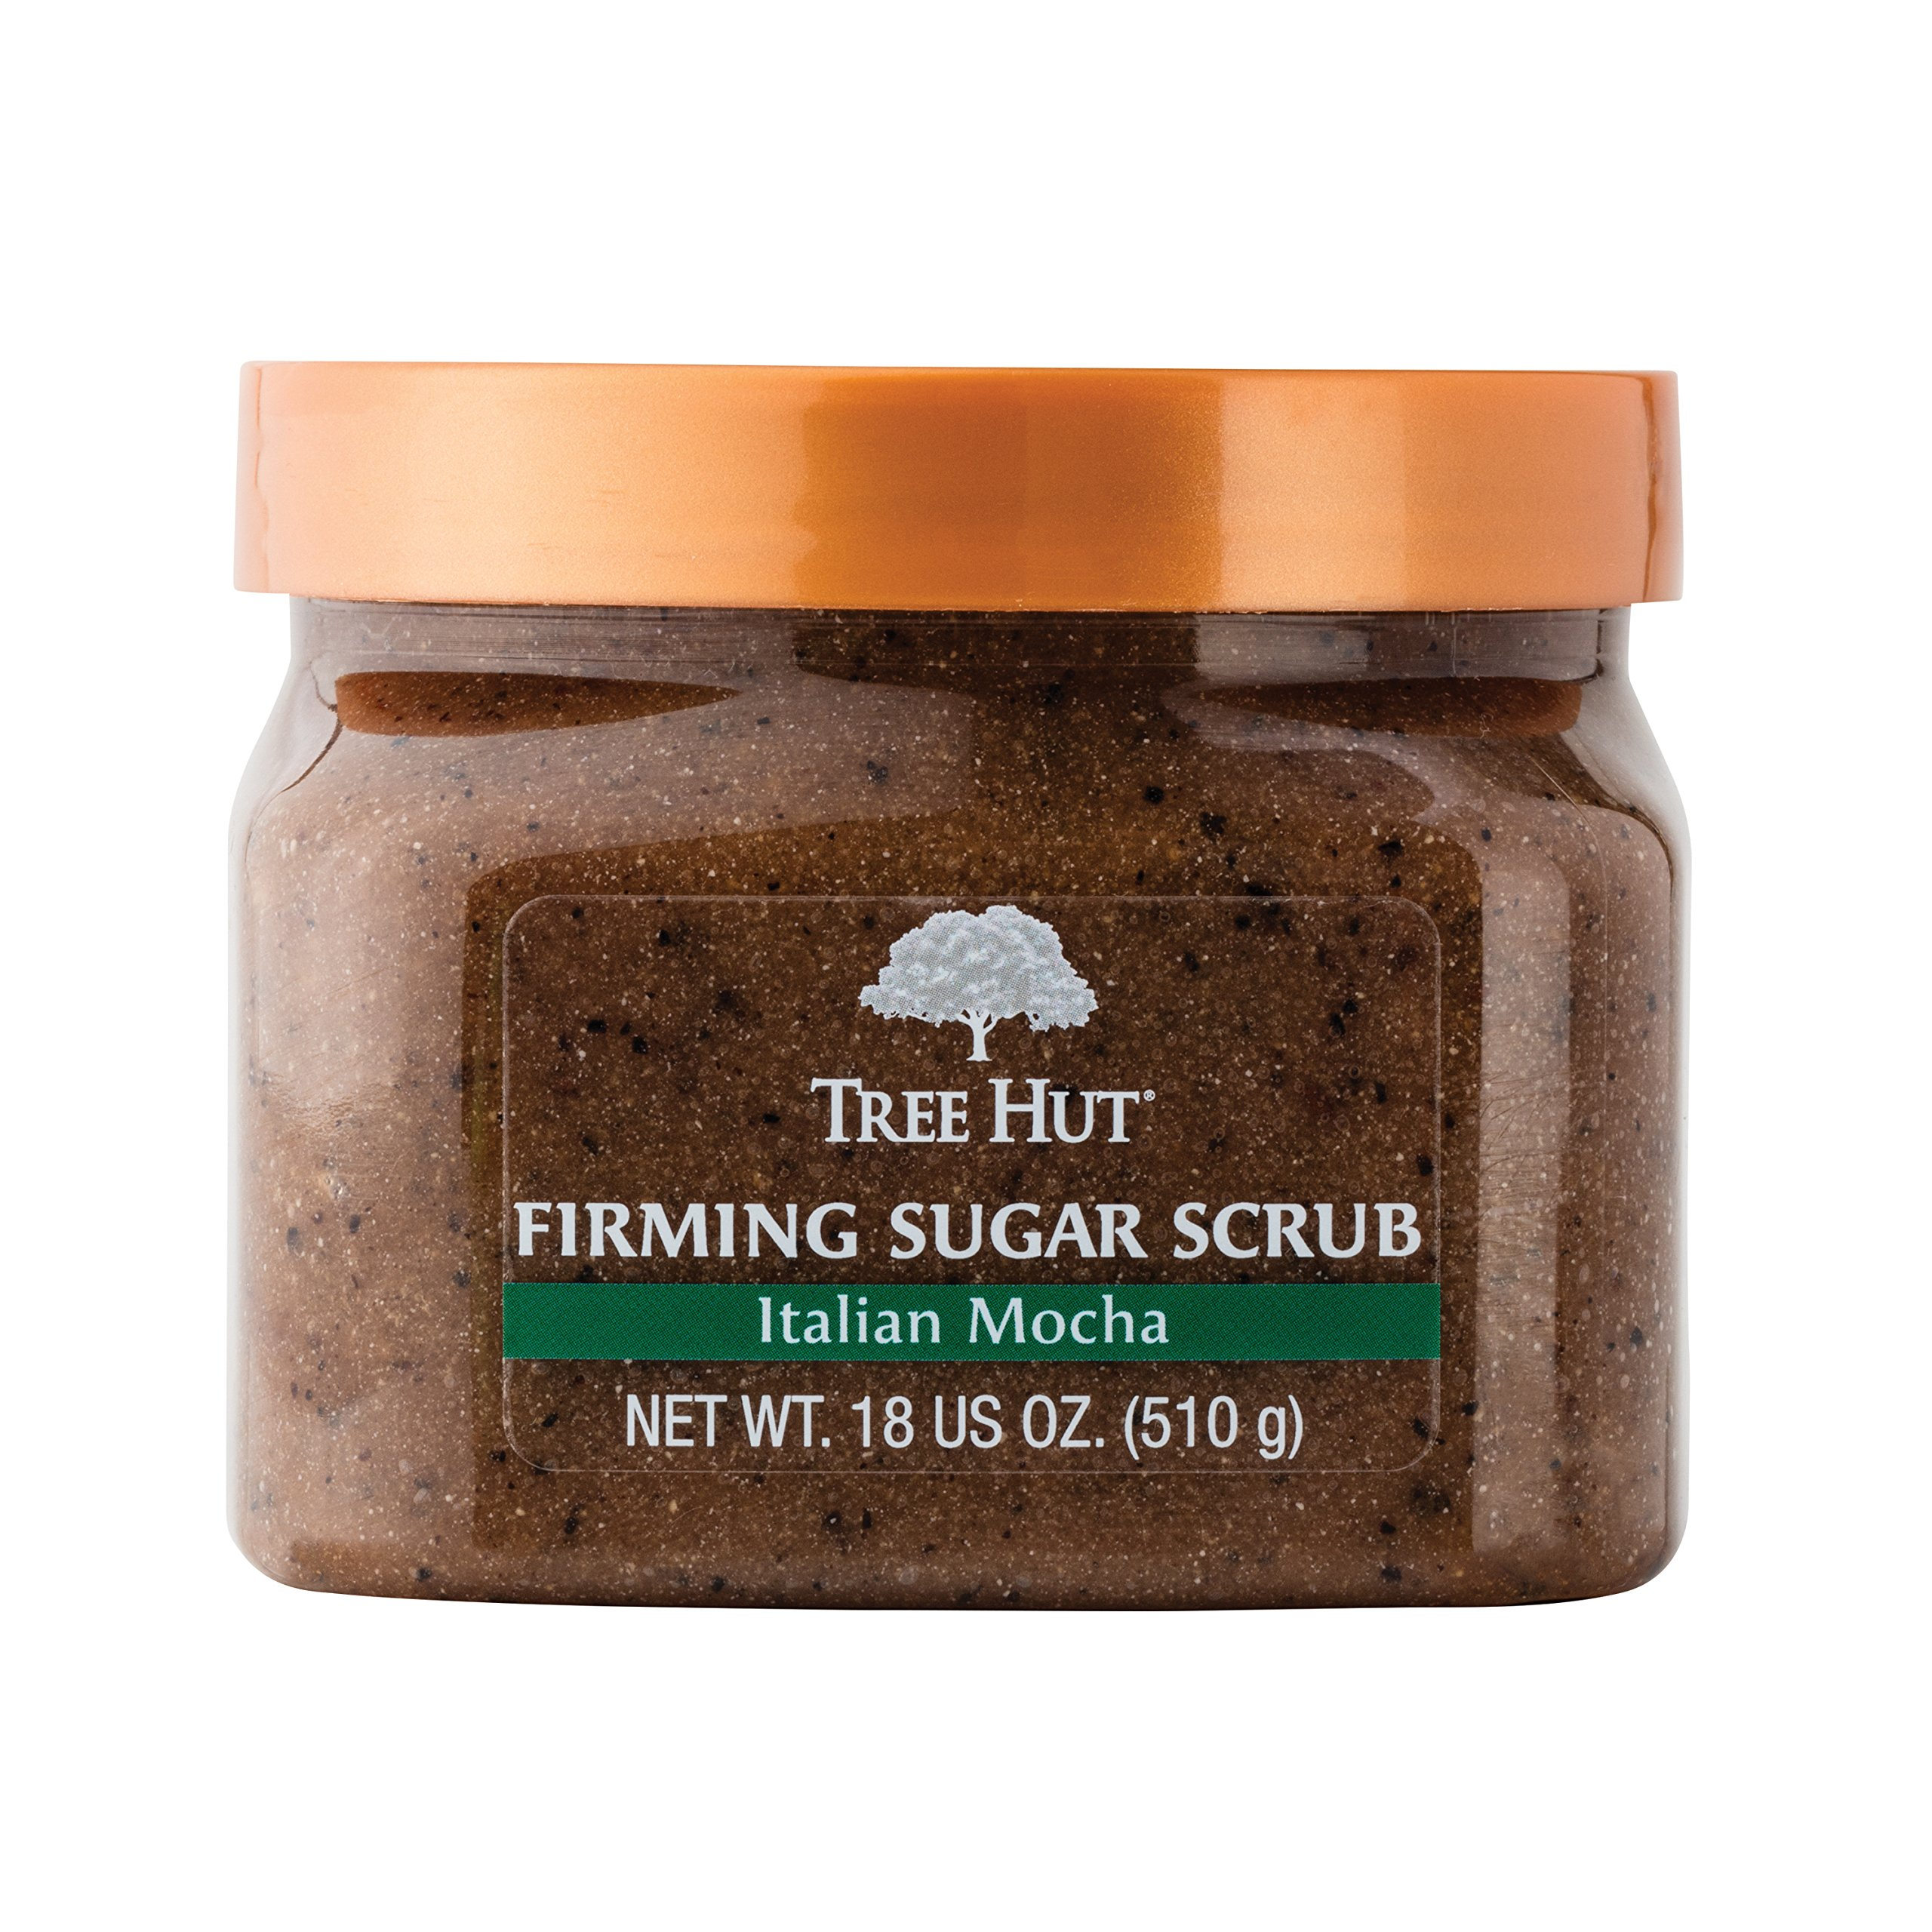 Tree Hut Firming Sugar Scrub, Italian Mocha, 18 Ounce